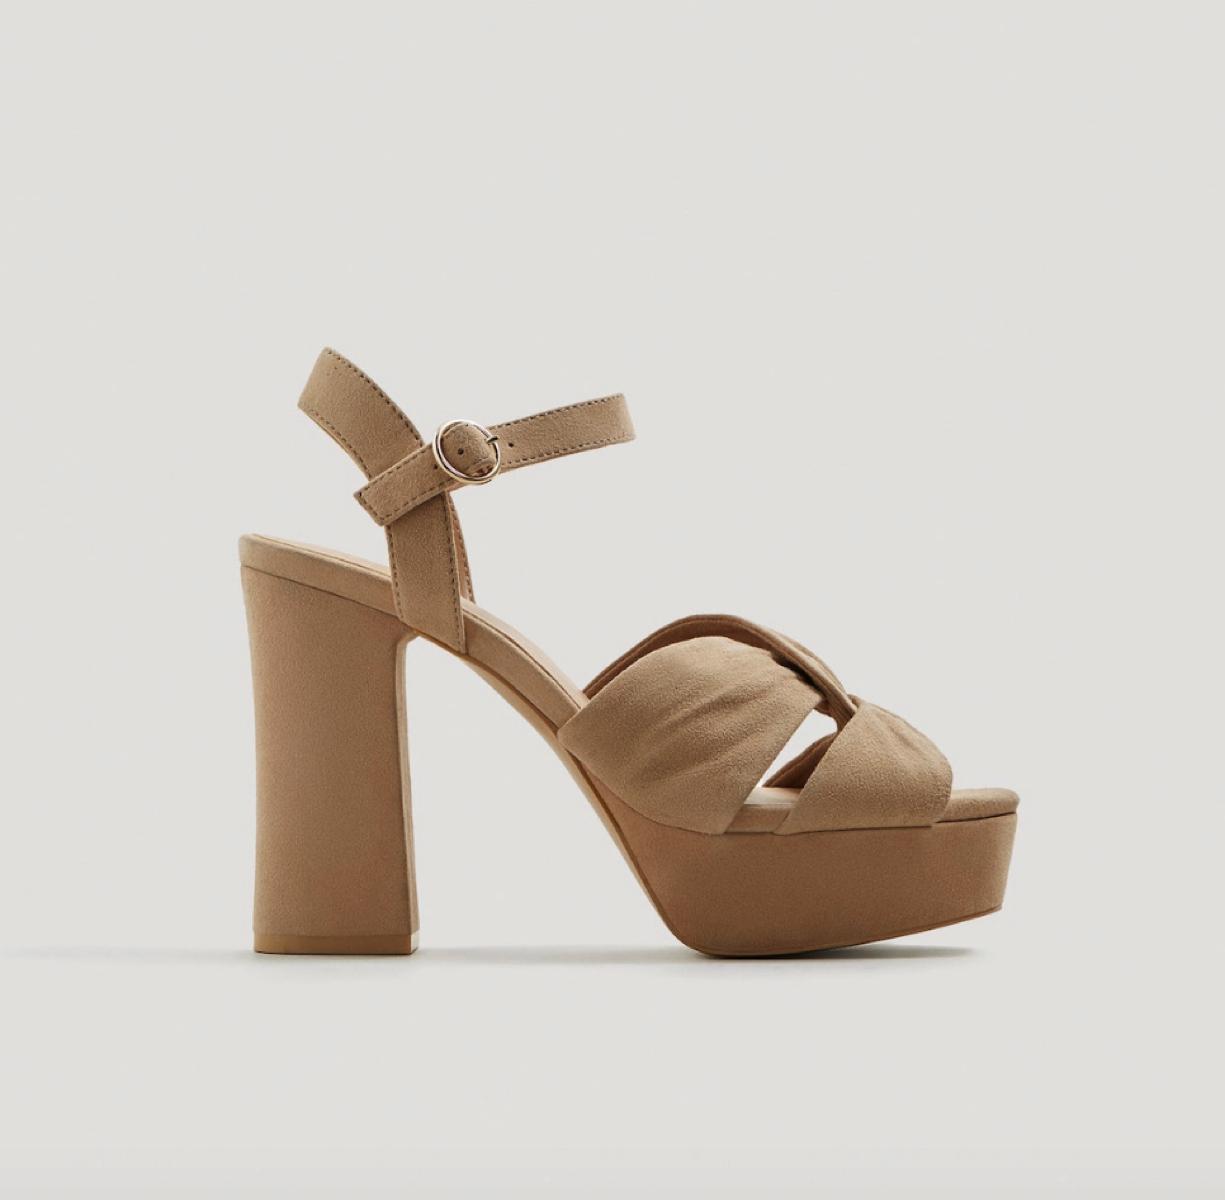 e0baec5f0c28 Sandales à talons Mango - Voici 30 sandales à talons qui affolent les  filles cool - Elle